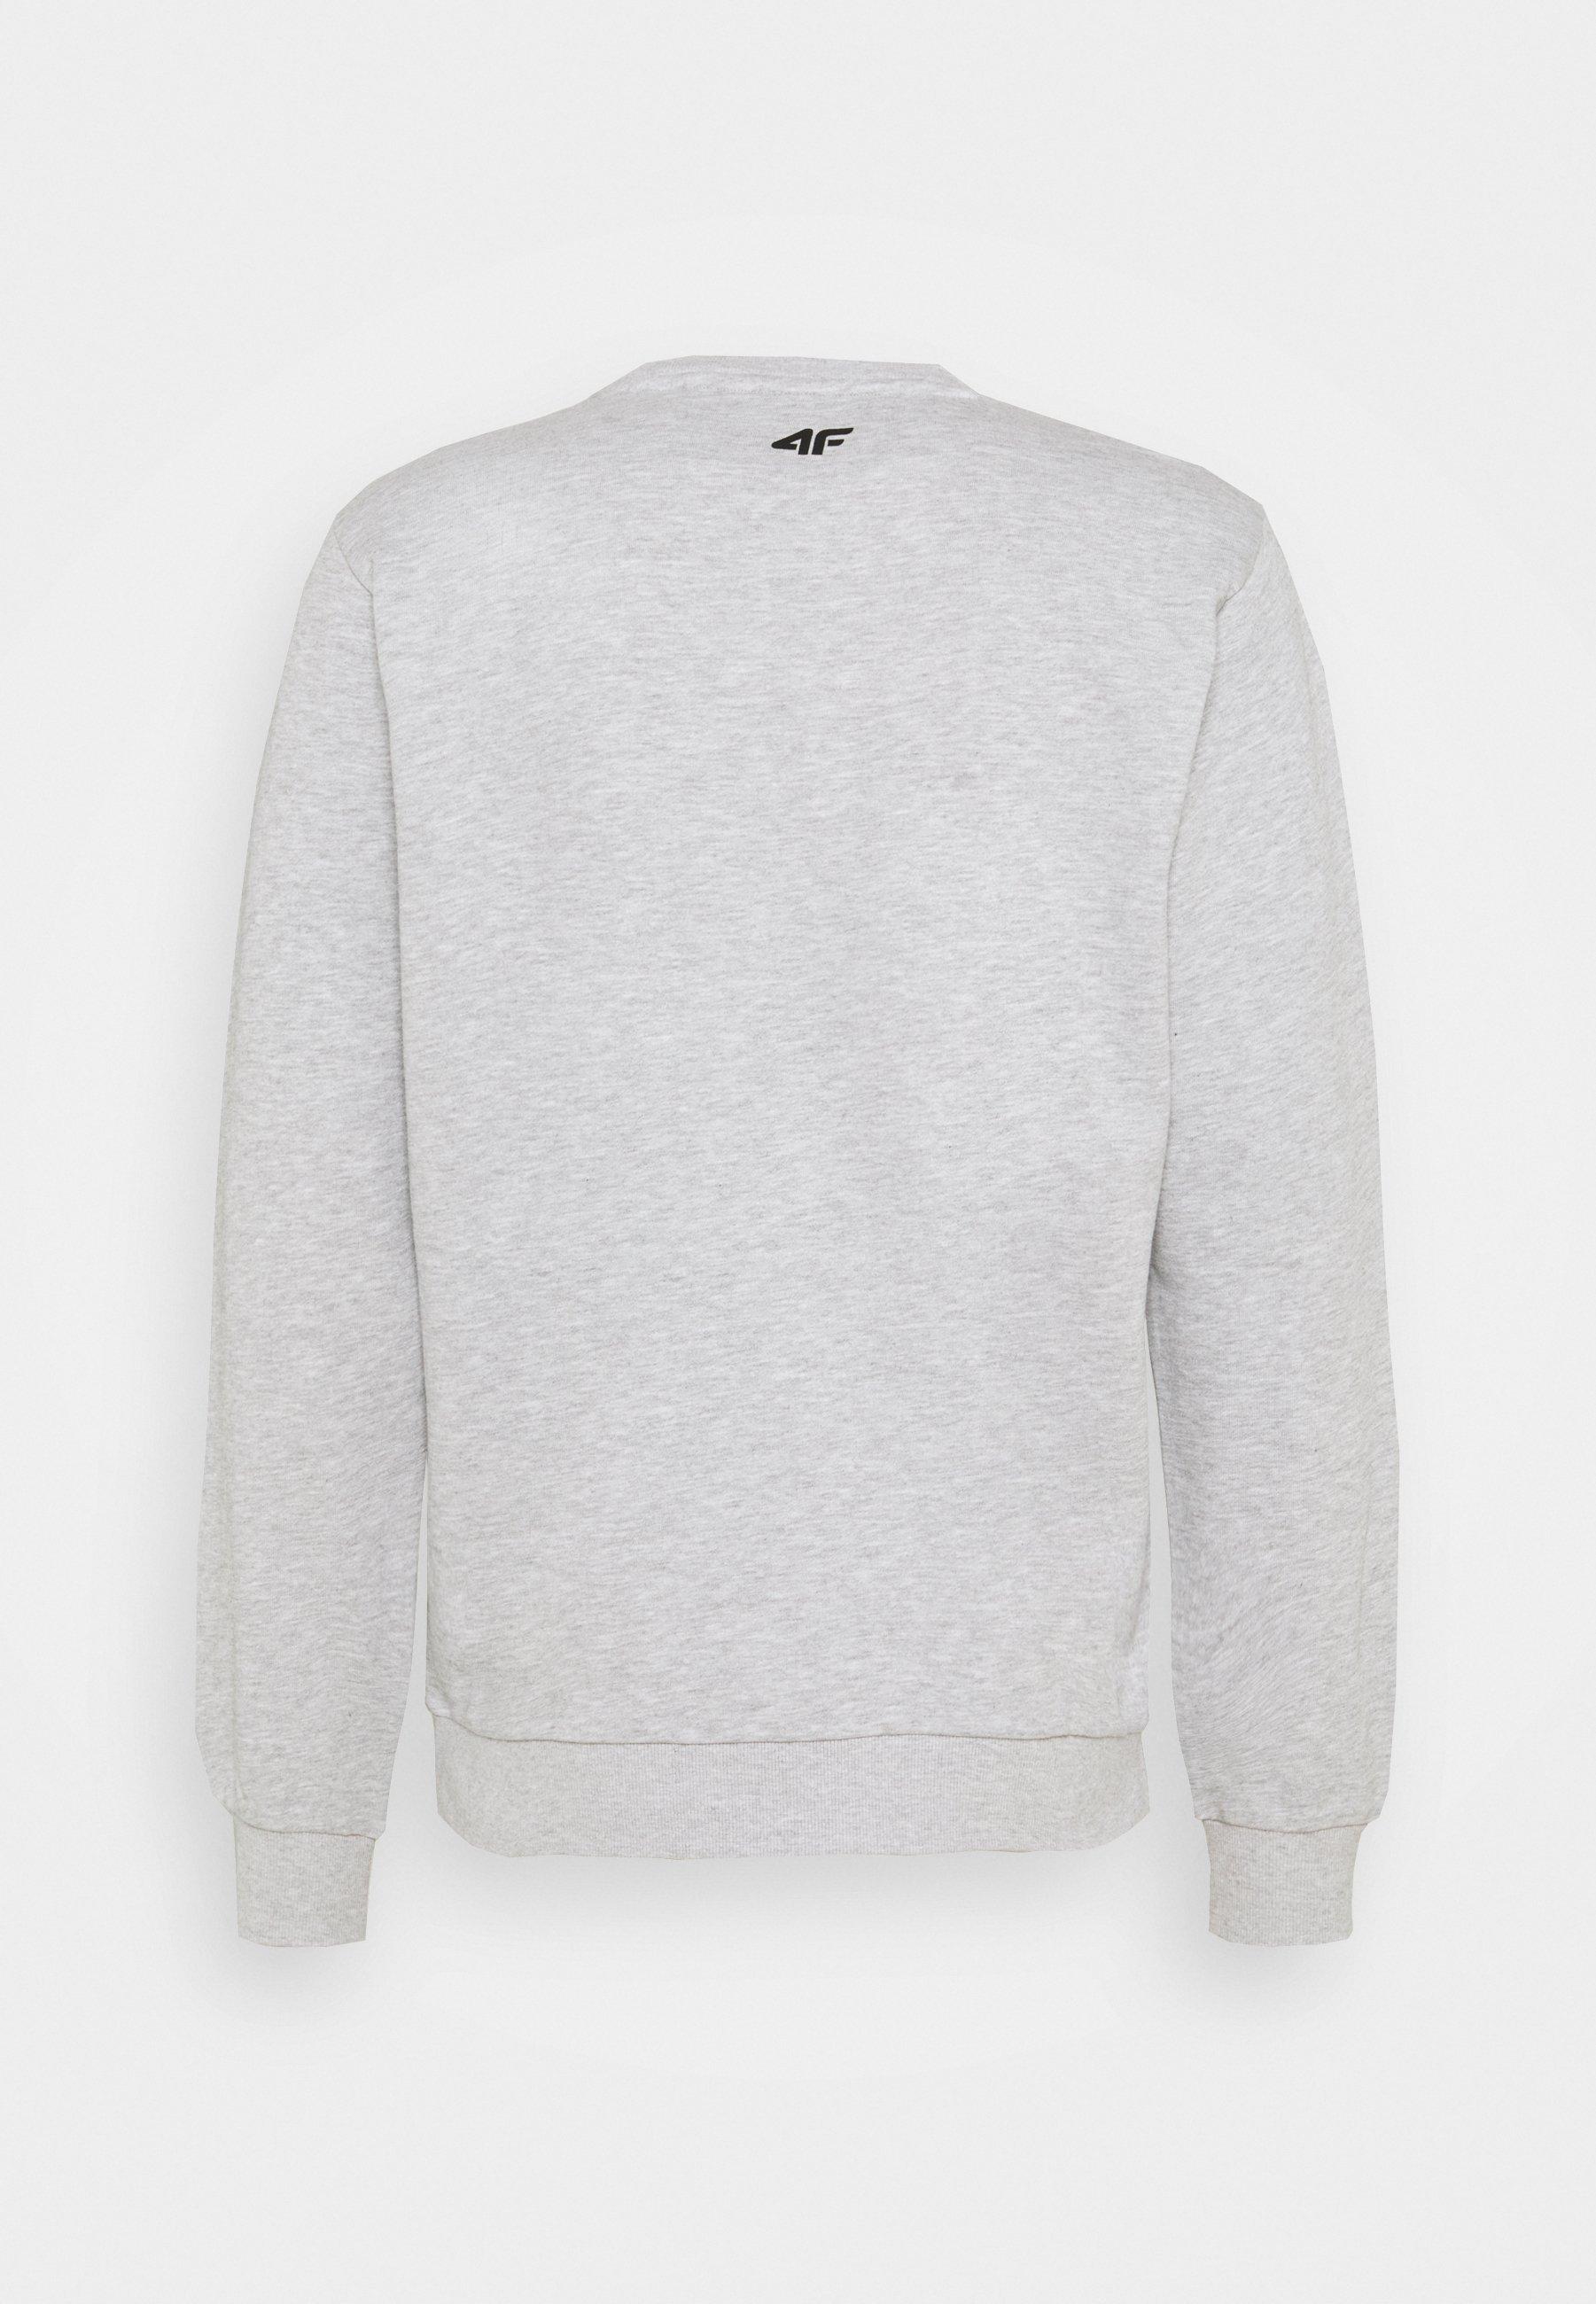 Men Women's sweatshirt - Sweatshirt